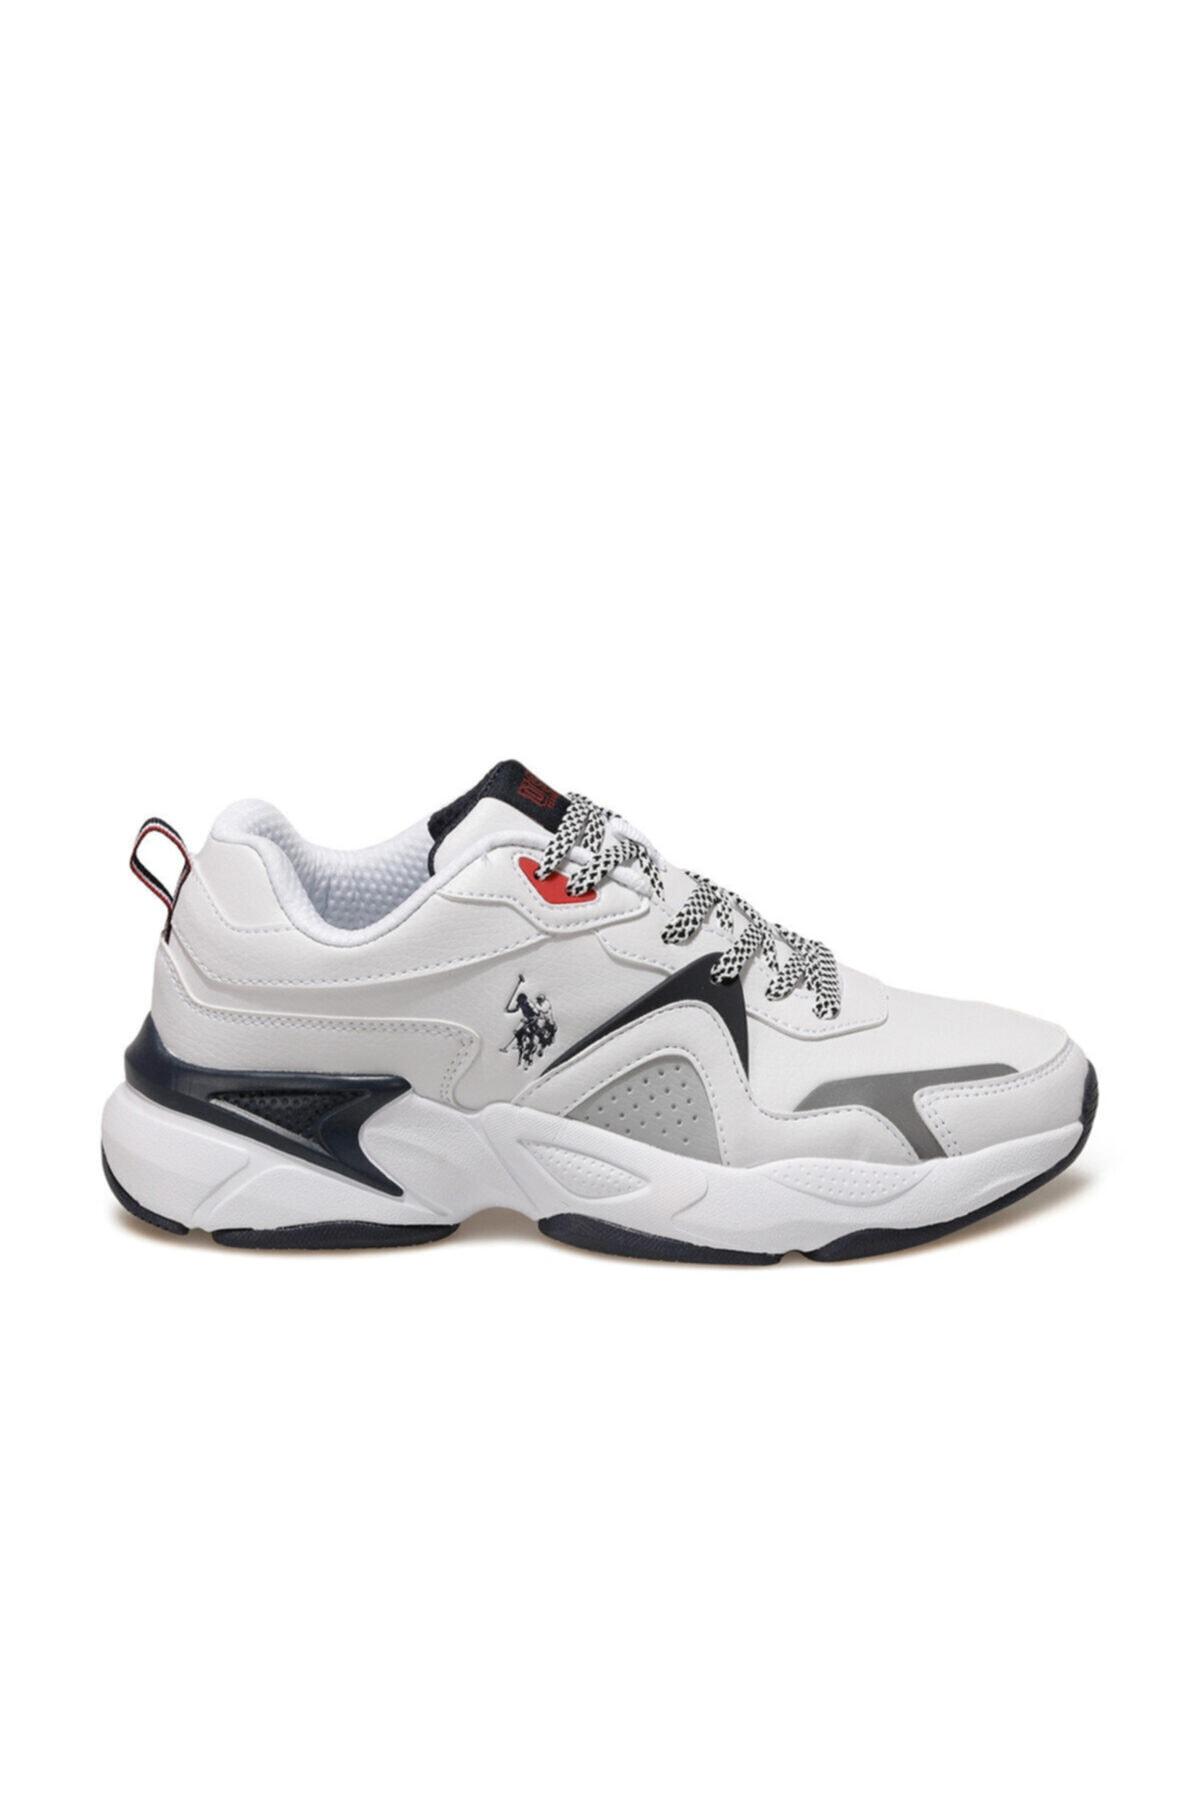 U.S. Polo Assn. JIMMY Beyaz Erkek Sneaker Ayakkabı 100536421 2